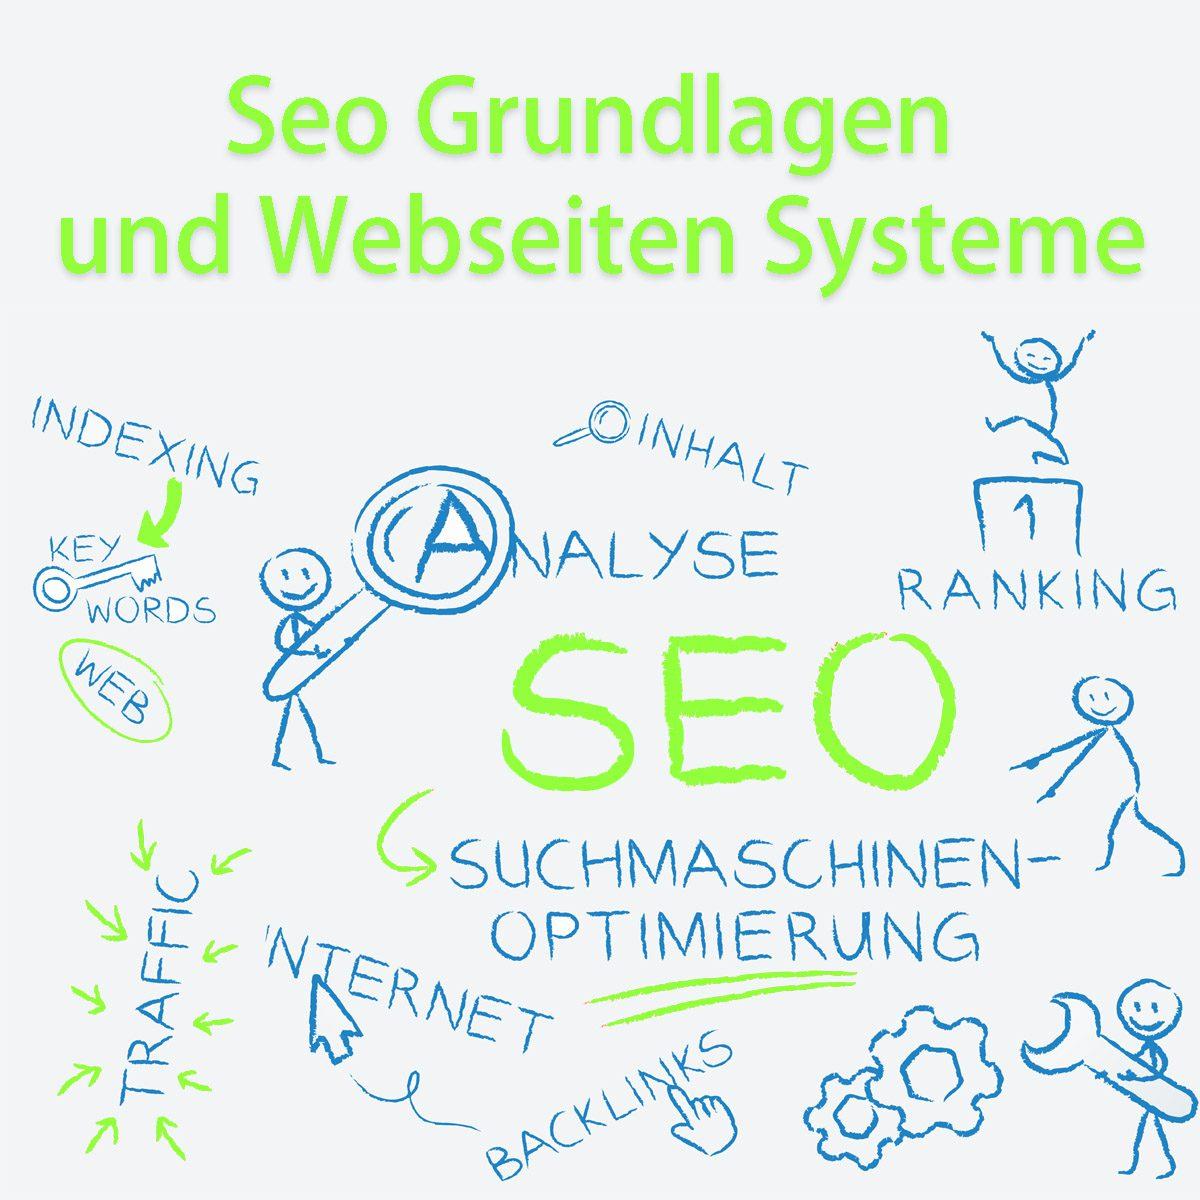 Webinar zu Webseitensystemen und Google Ranking